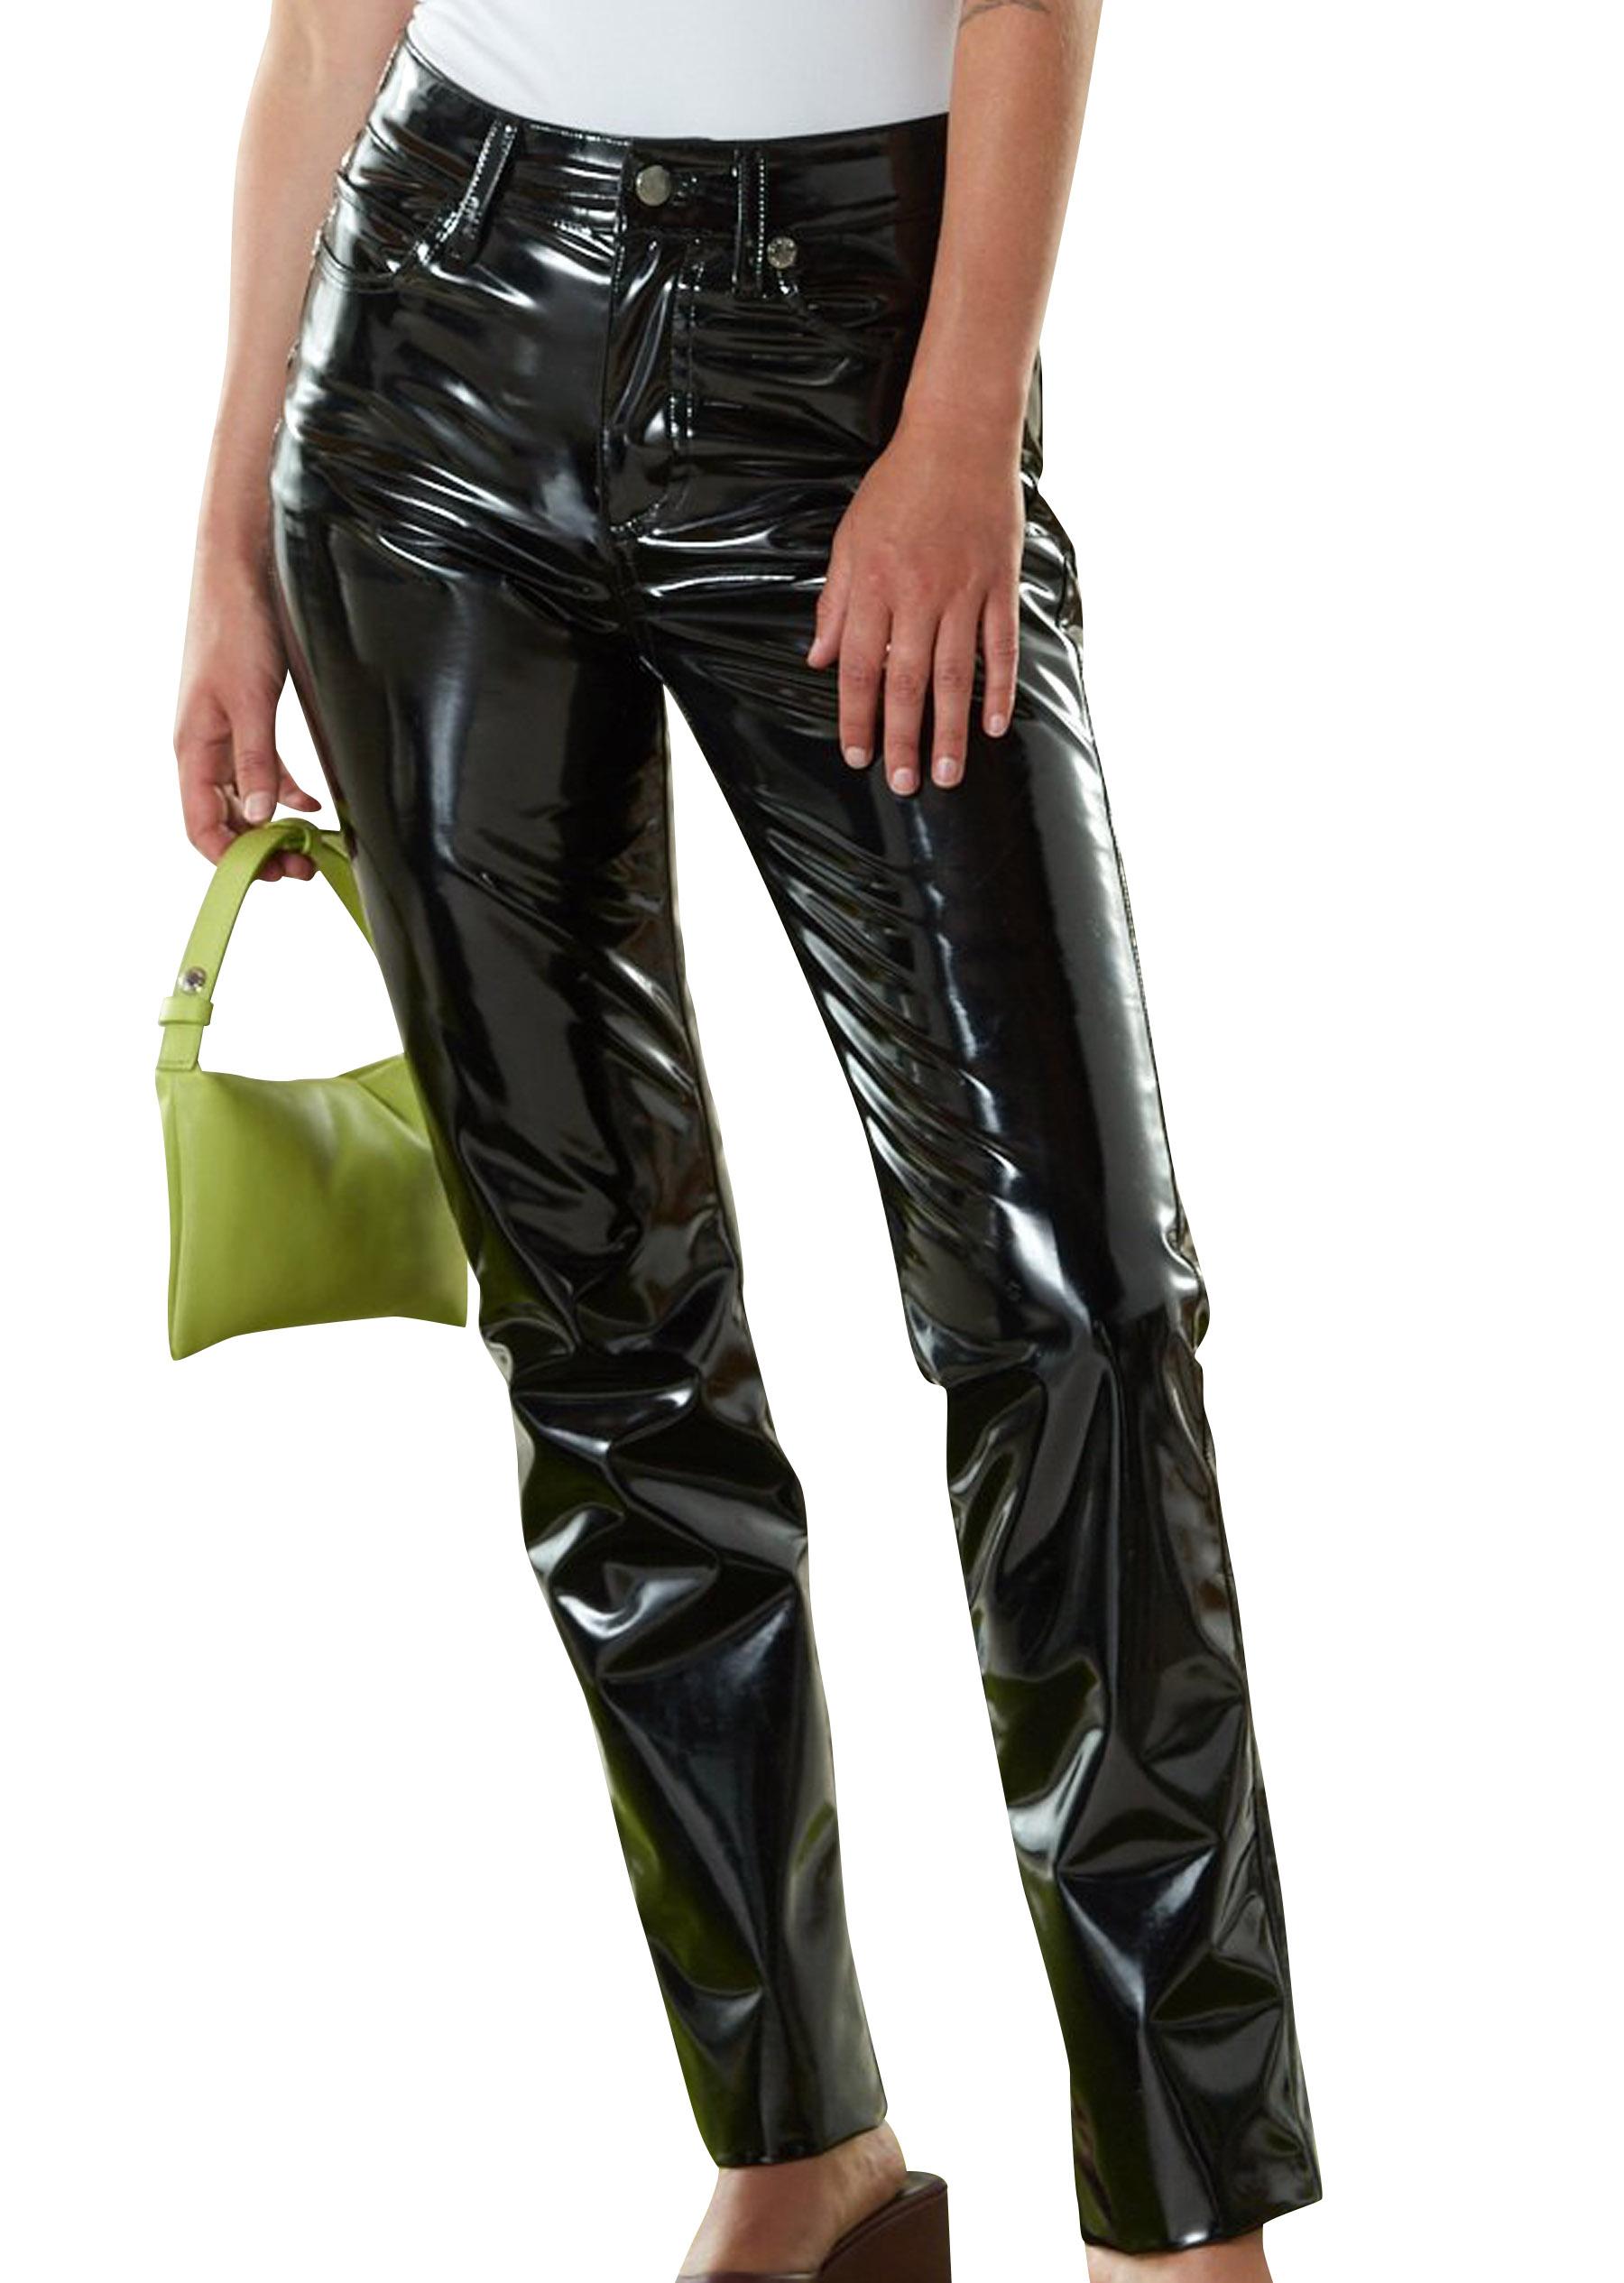 VEGAN LEATHER Straight Leg Pant in Black by Simon Miller - 1